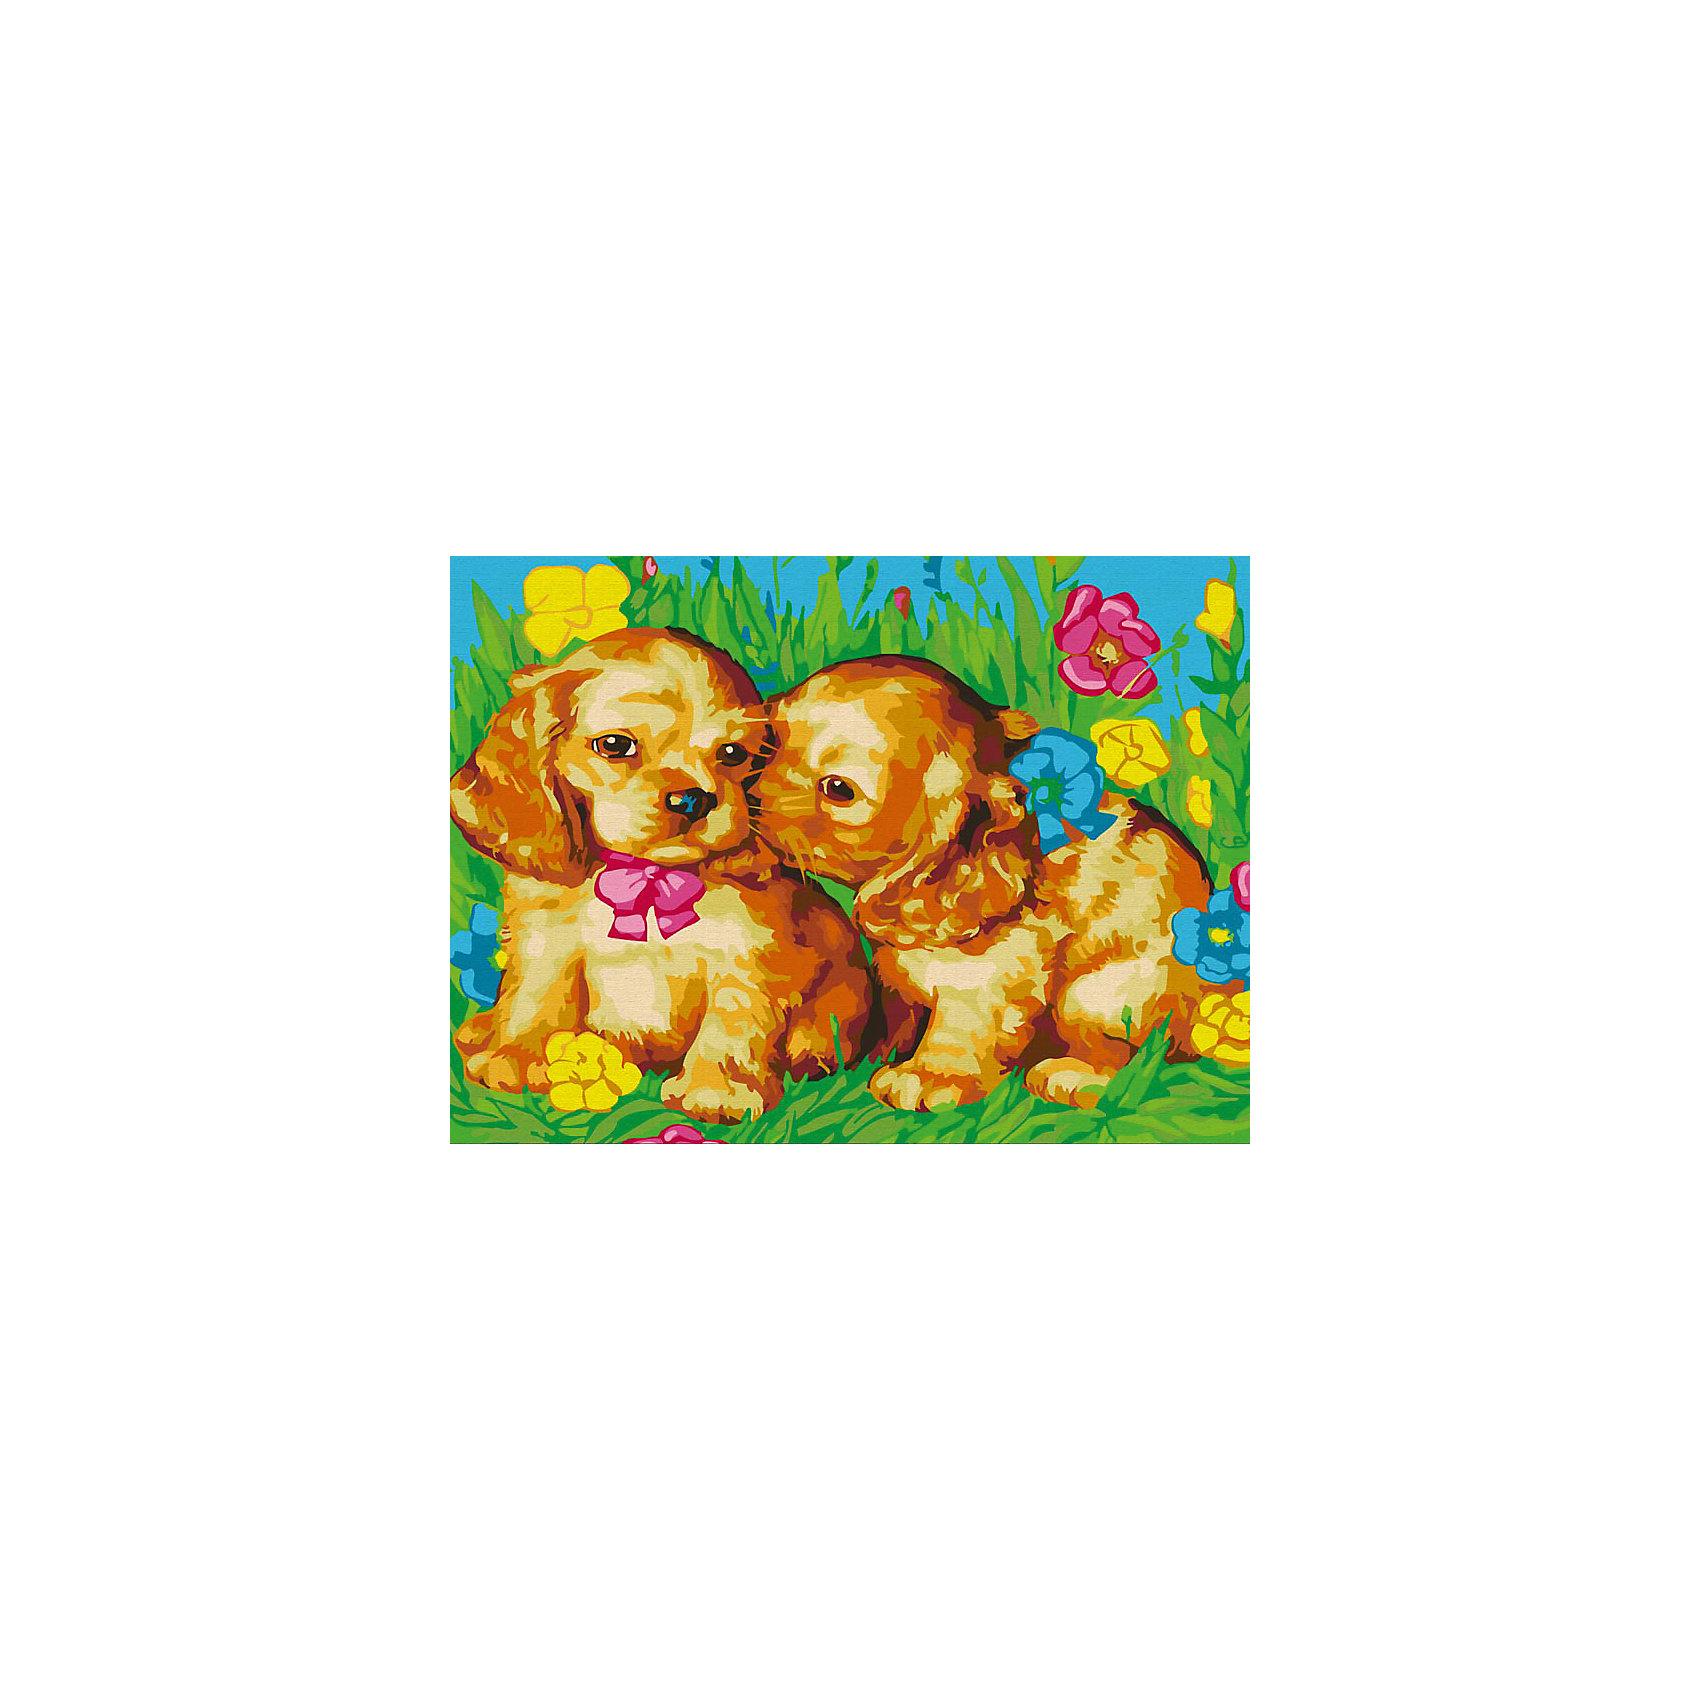 Живопись на холсте 30*40 см Щенки на полянеРаскраски по номерам<br>Характеристики:<br><br>• Предназначение: для занятий художественным творчеством<br>• Тематика: животные<br>• Пол: универсальный<br>• Материал: дерево, бумага, краски<br>• Цвет: голубой, желтый, оранжевый, коричневый, зеленый, розовый<br>• Комплектация: холст на подрамнике, набор акриловых красок, 2 кисти, пробный лист с нанесенным рисунком, крепление для готовой картины, инструкция<br>• Размеры (Ш*Д): 30*40 см<br>• Вес: 480 г <br>• Упаковка: картонная коробка<br><br>Живопись на холсте 30*40 см Щенки на поляне – это набор от торговой марки Белоснежка, специализирующейся на товарах для творчества и рукоделия. Комплект для живописи состоит из черно-белого холста на подрамнике из дерева, набора необходимых акриловых красок, двух кистей разного размера и пробного листа. На холст и пробный лист нанесен рисунок с указанием номера соответствующей цвету краски. Акриловые краски хорошо ложатся на холст, не растекаются и не смешиваются, что делает их идеальными для начинающих художников. Все материалы, используемые в наборе, экологичные и натуральные. Готовые наборы научат вашего ребенка сочетать цвета и оттенки, действовать по заданному образцу, будут способствовать развитию внимательности, усидчивости и зрительному восприятию. <br>Занятия художественным творчеством являются не только средством творческого и эстетического развития, но также воспитания и коррекции эмоциональных комплексов у детей. <br><br>С наборами живописи на холсте от Белоснежки можно создать свою галерею картин или подготовить подарок родным и близким к празднованию торжества.<br><br>Живопись на холсте 30*40 см Щенки на поляне можно купить в нашем интернет-магазине.<br><br>Ширина мм: 410<br>Глубина мм: 310<br>Высота мм: 25<br>Вес г: 567<br>Возраст от месяцев: 72<br>Возраст до месяцев: 144<br>Пол: Унисекс<br>Возраст: Детский<br>SKU: 5089631